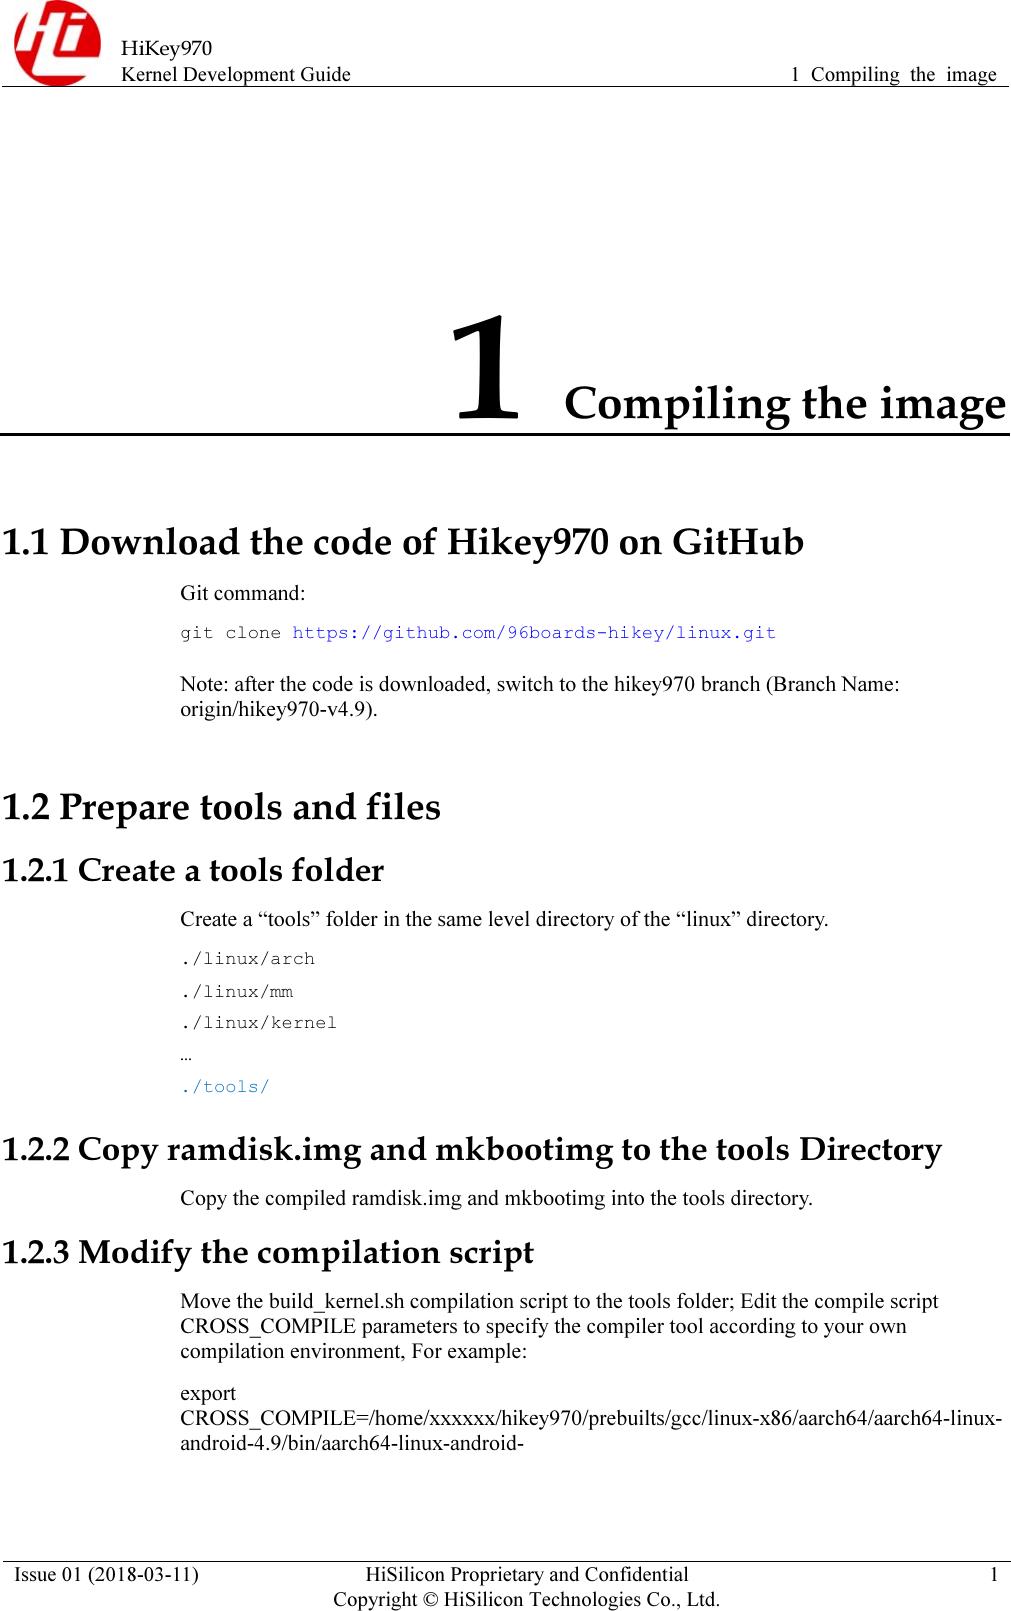 Hikey970 Kernel Development Guide